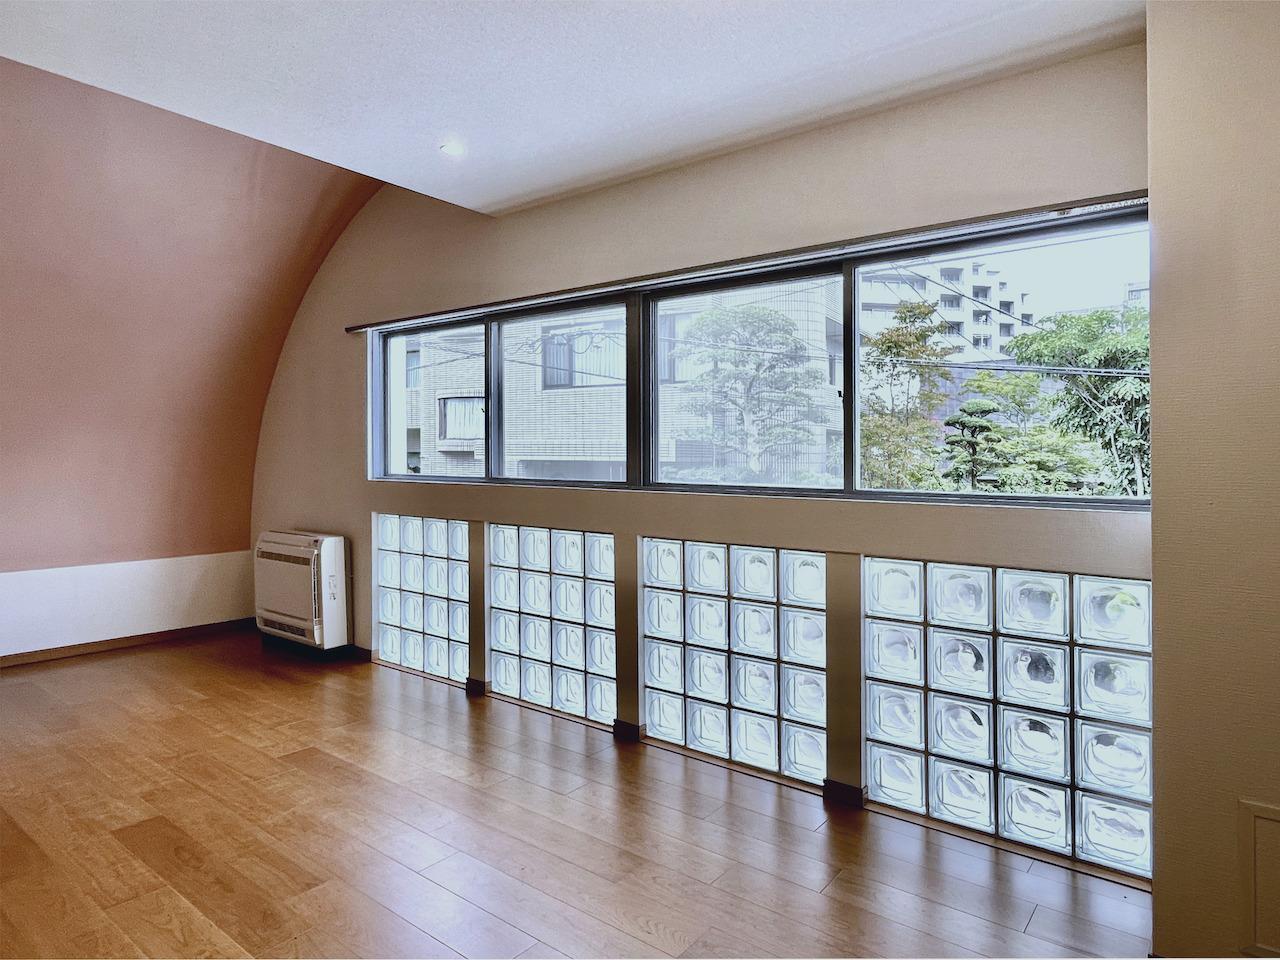 洋室1にもアールの天井。ずらっと並んだガラスブロック。